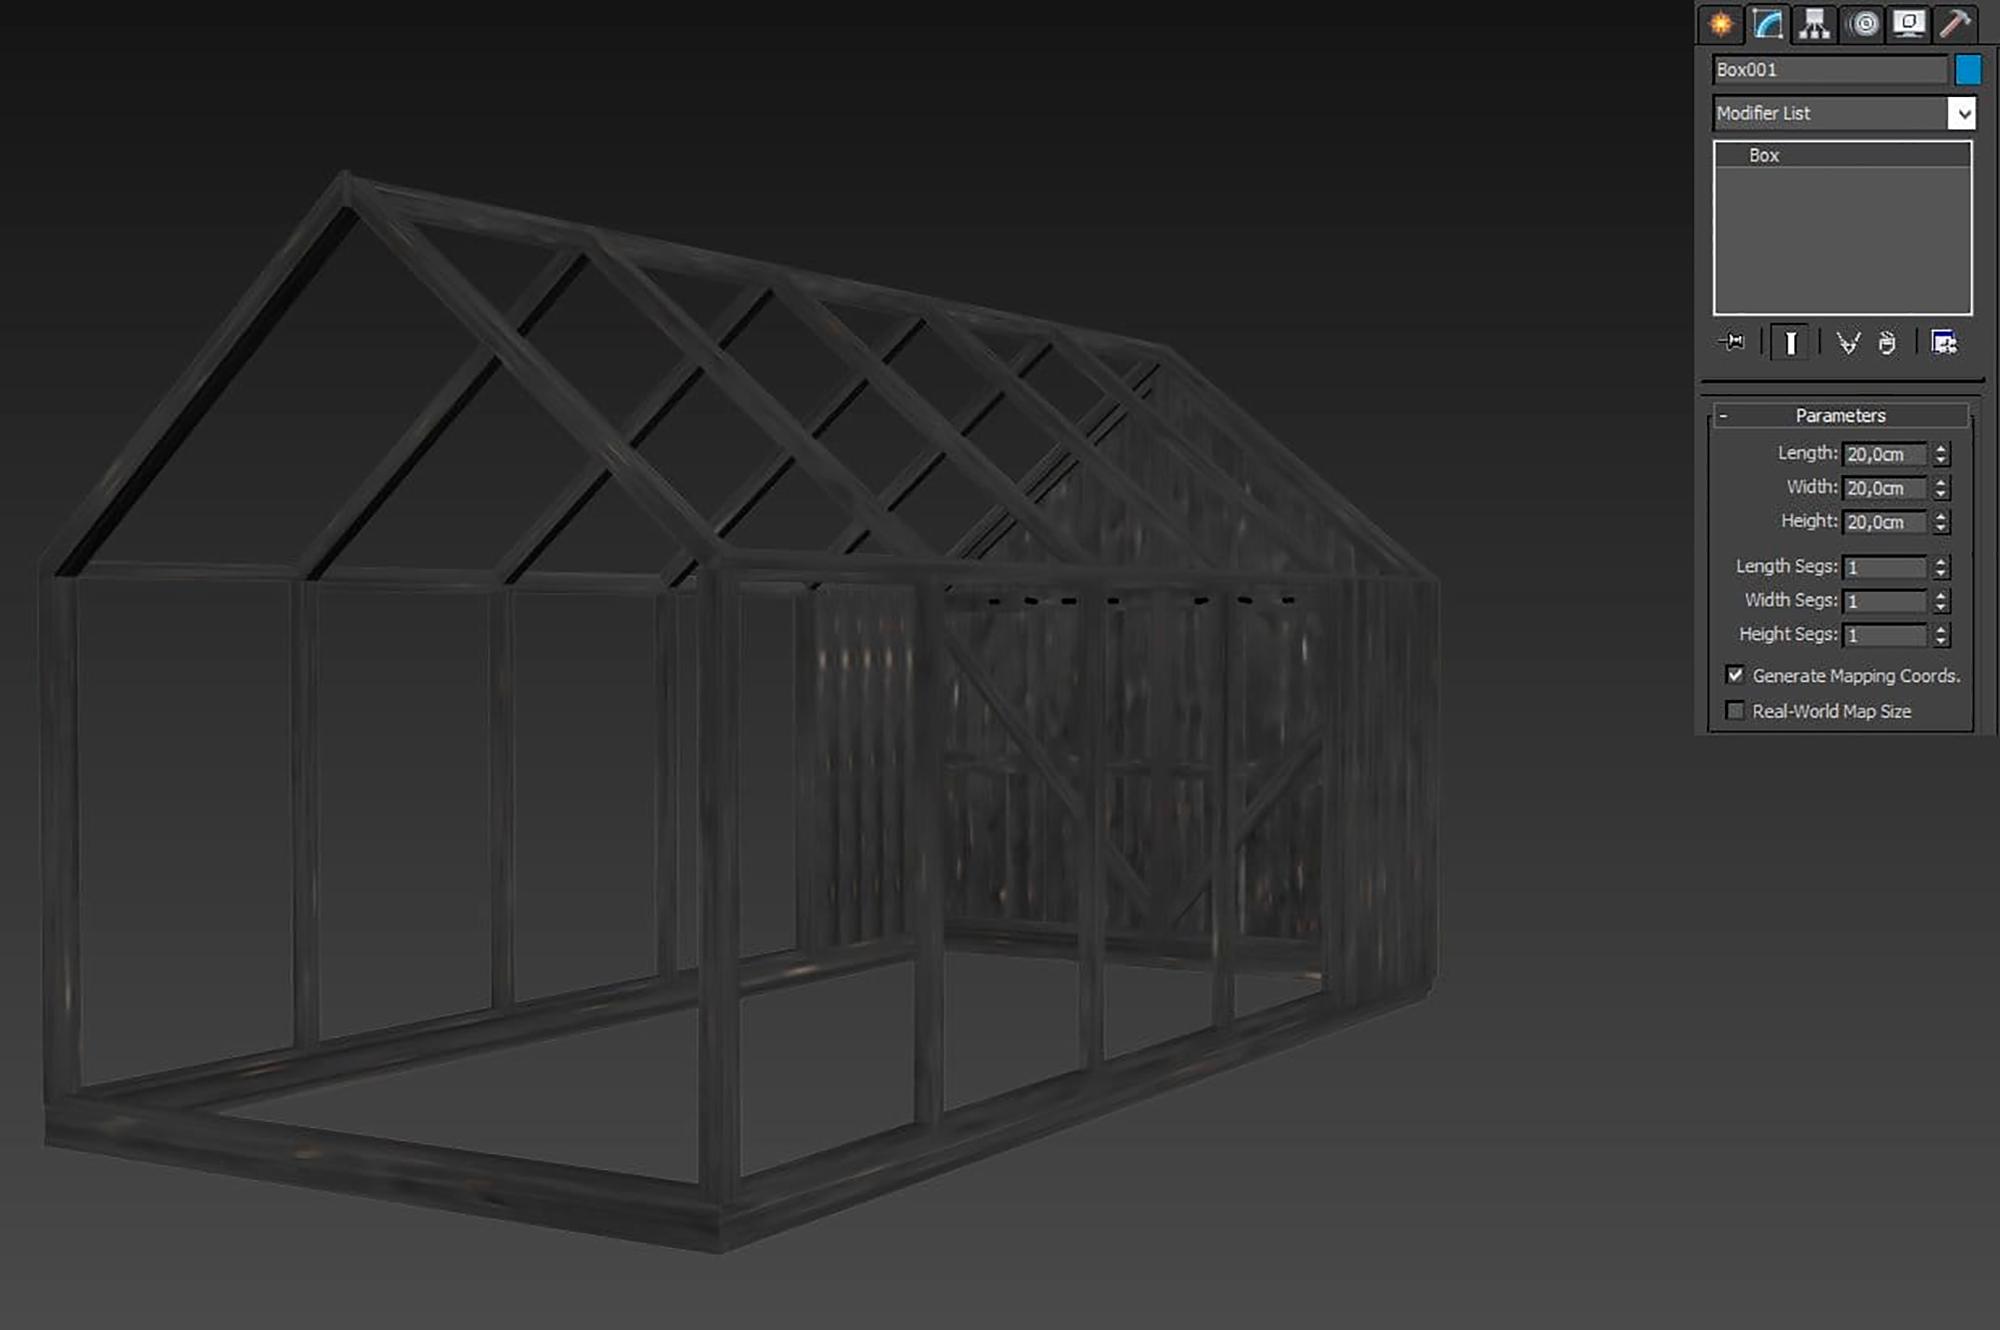 Например, вот как выглядит модель